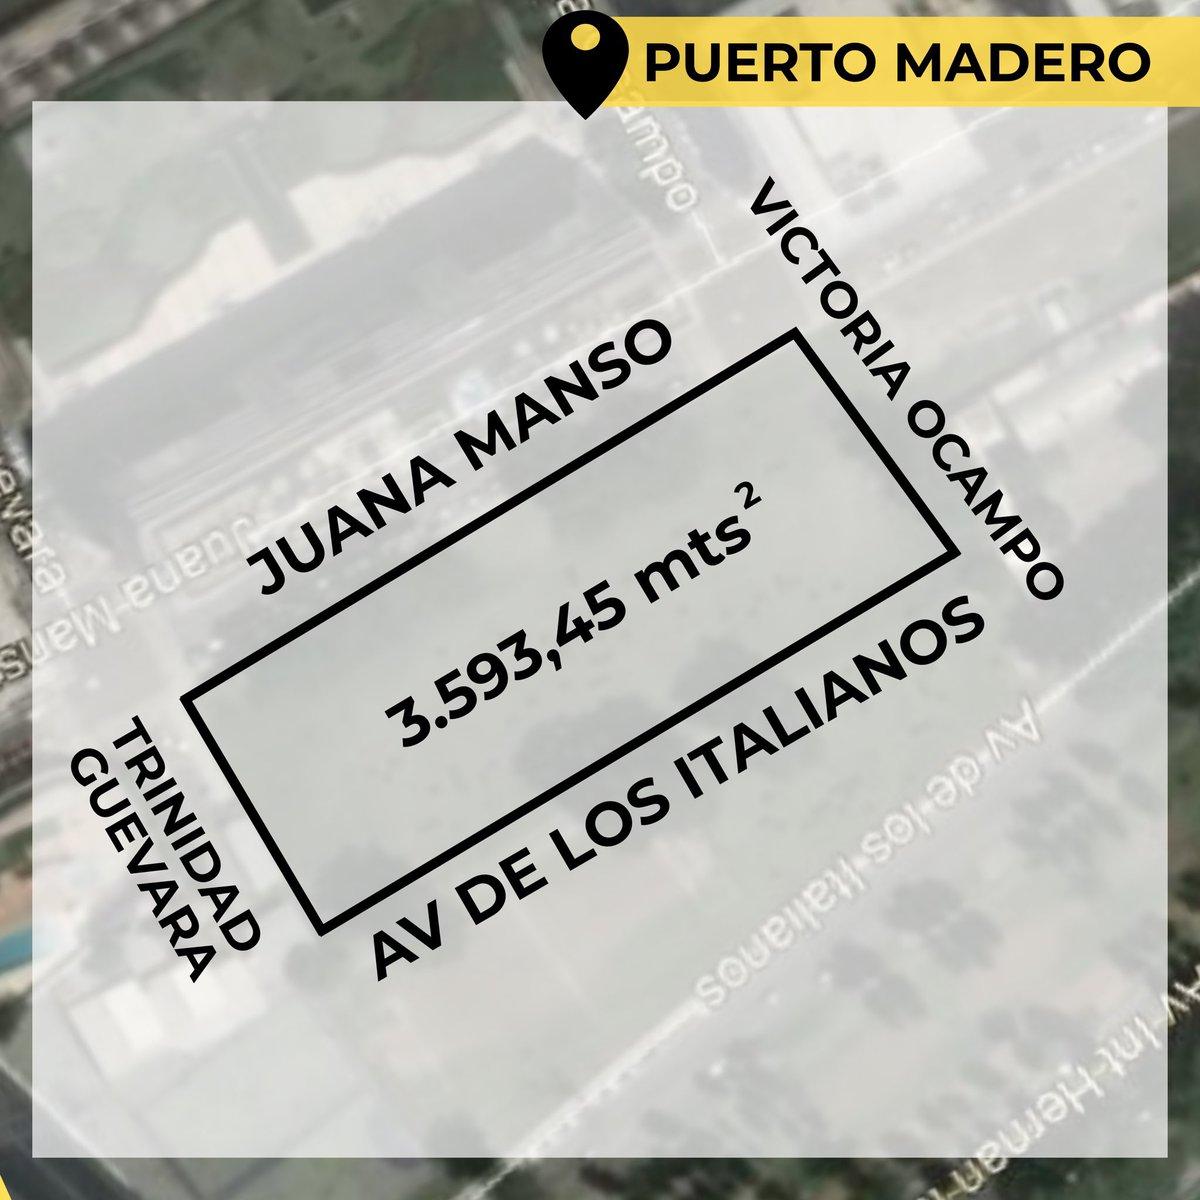 ‼️ #URGENTE | Es jueves y hay otro capítulo de #lainmobiliariadeLarreta. ¿El convenio urbanístico es una excepción? No, en la Ciudad parece ser la regla.  Hoy, a último momento, más torres en Puerto Madero.👇🏼 https://t.co/QbE7gOvKoO